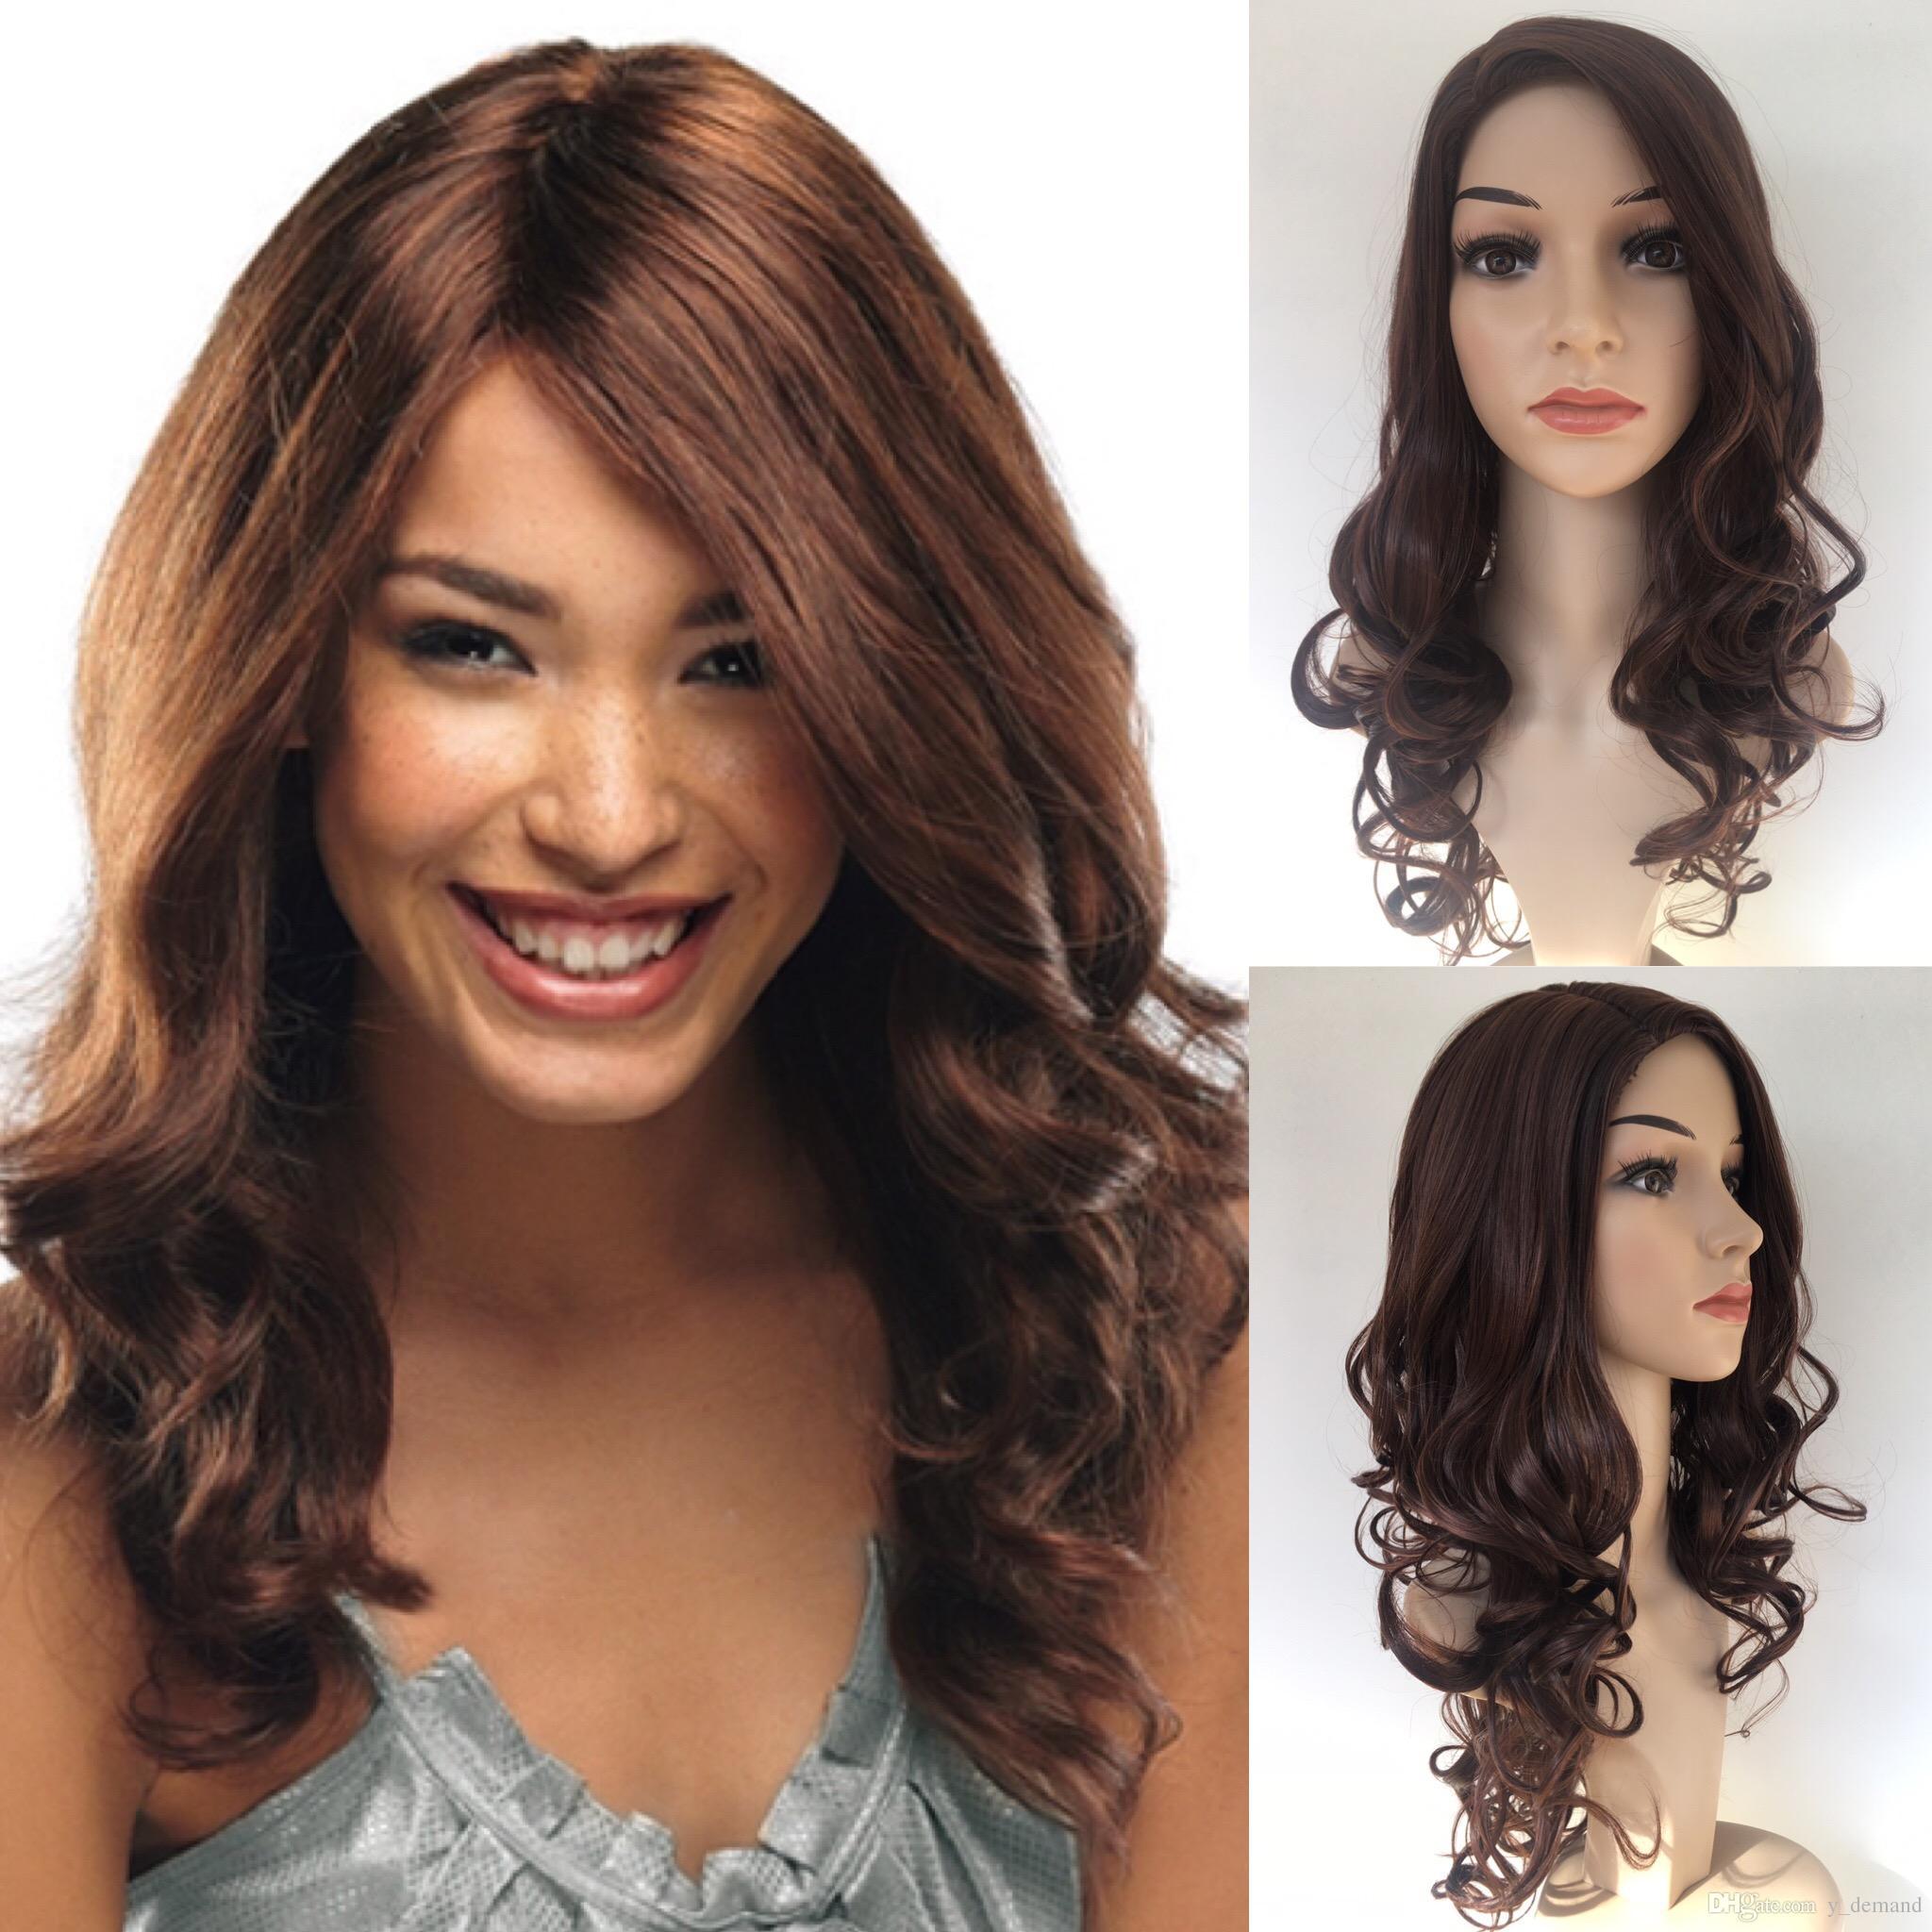 Mode Lange Weben Haarschnitte Kanekalon Top Qualität Hitzebeständige Afroamerikaner Frauen Perücke Neue Haar Für Frauen Auf Lager Y nachfrage